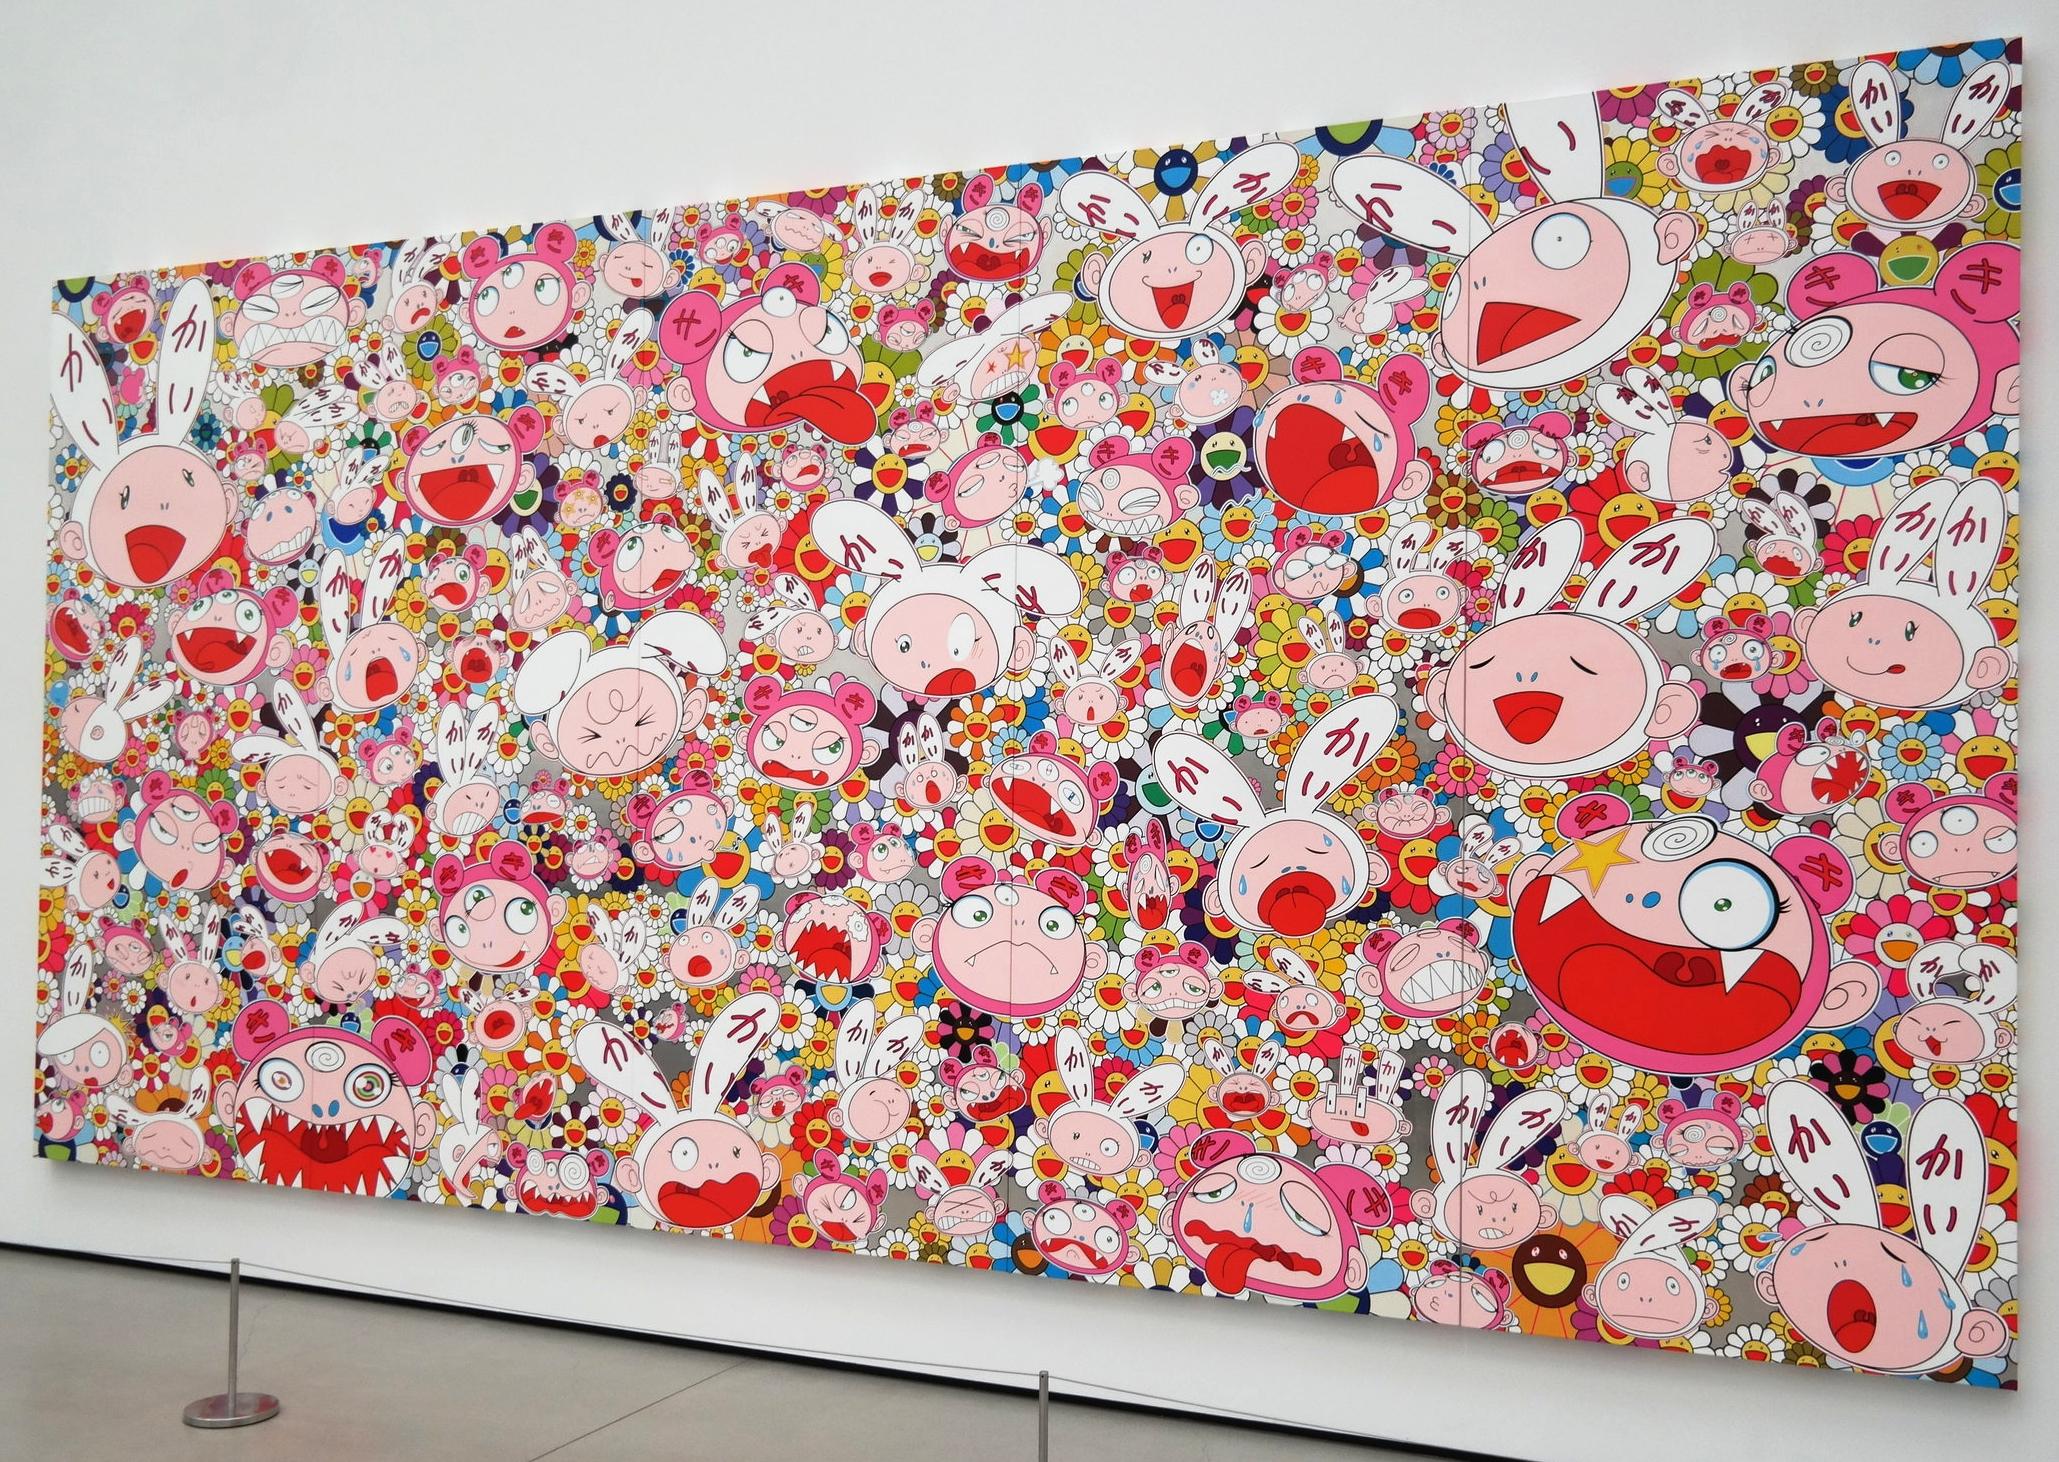 Hustle'n'Punch By Kaikai And Kiki, Takashi Murakami, 2009